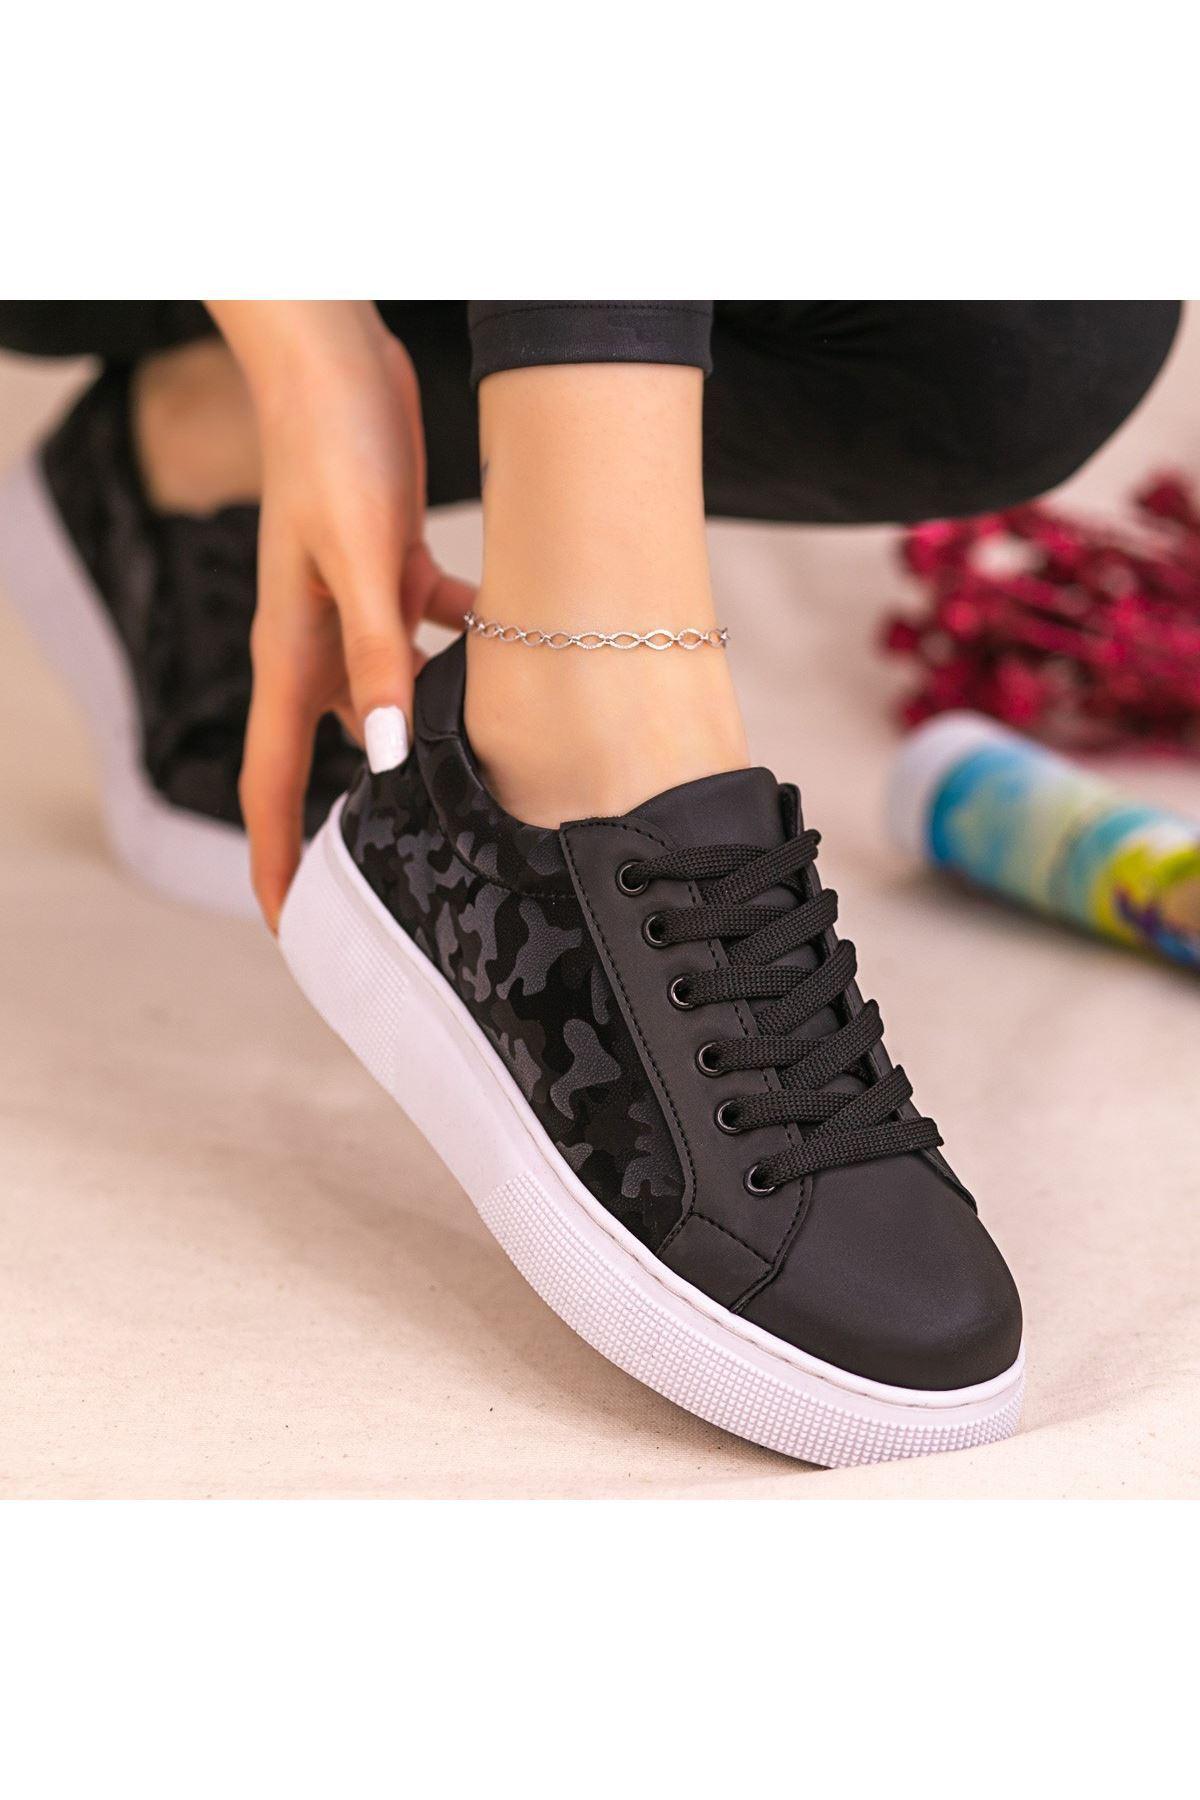 Nean Siyah Cilt Desenli Beyaz Tabanlı Bağcıklı Spor Ayakkabı